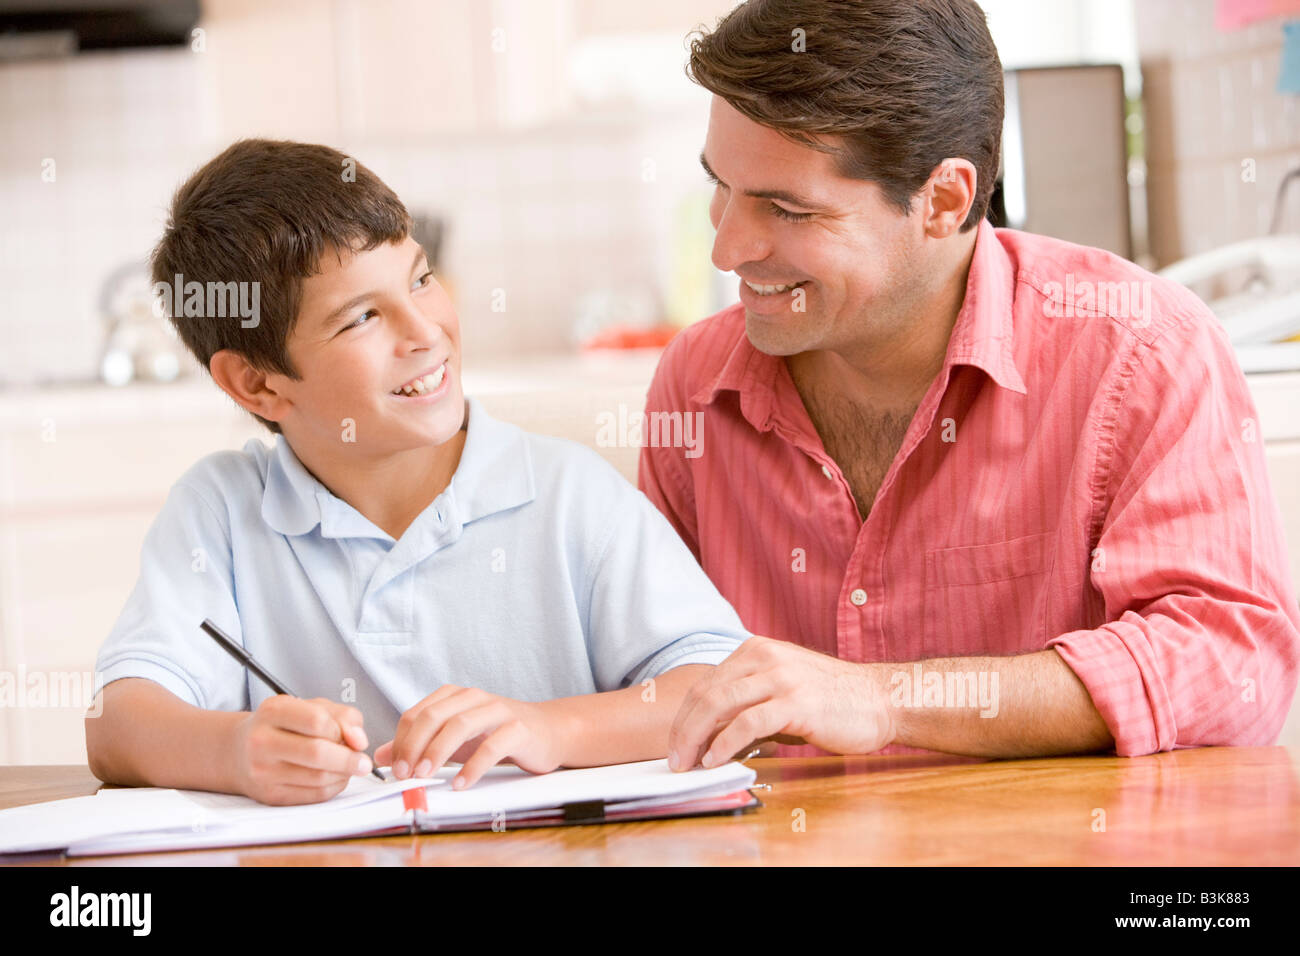 Mann hilft jungen in Küche, Hausaufgaben und lächelnd Stockbild